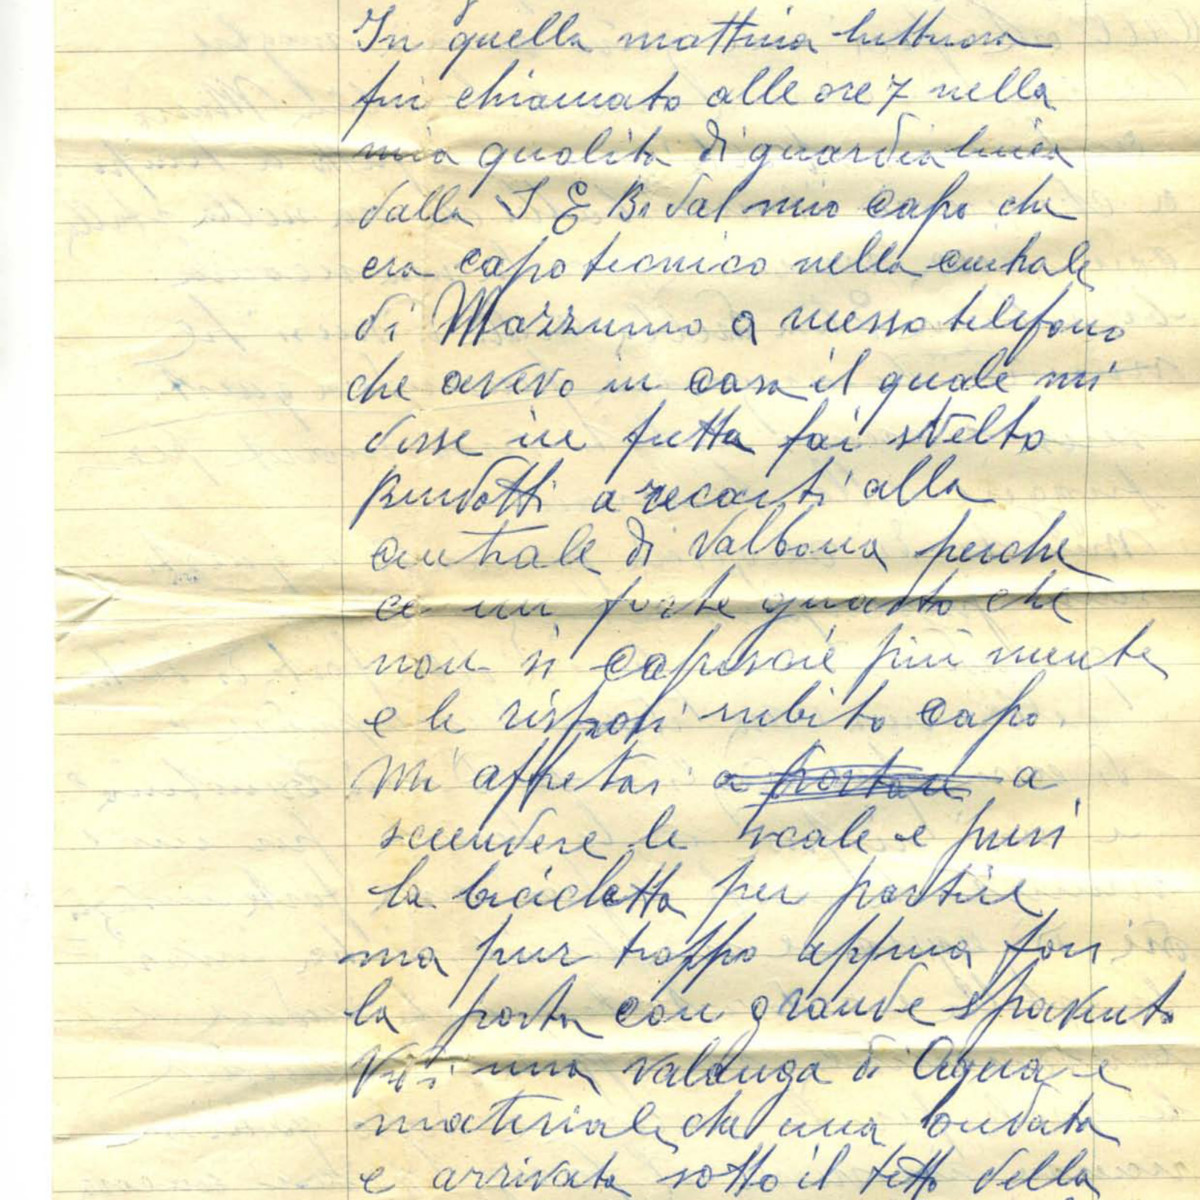 Lettera di Bendotti Pietro_01